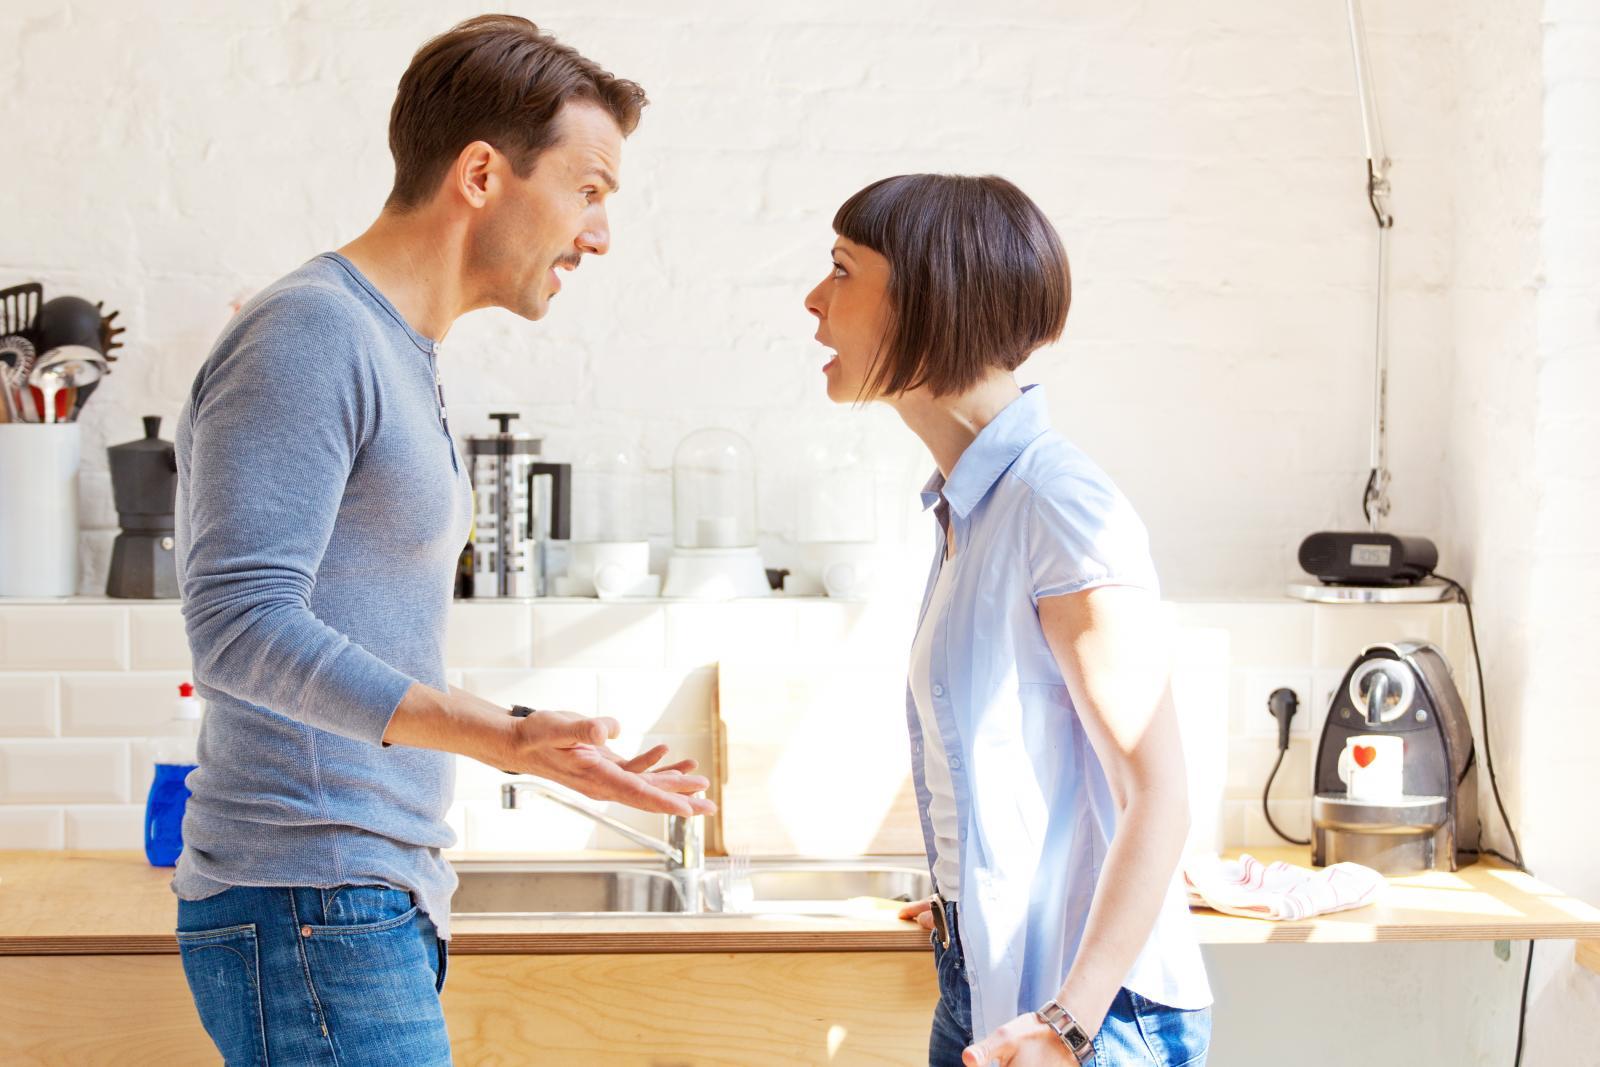 Znate li da dijeljenje ljubavi za vježbanjem može zbližiti partnere, čak i pojačati ženin libido? Svađe baš i ne...